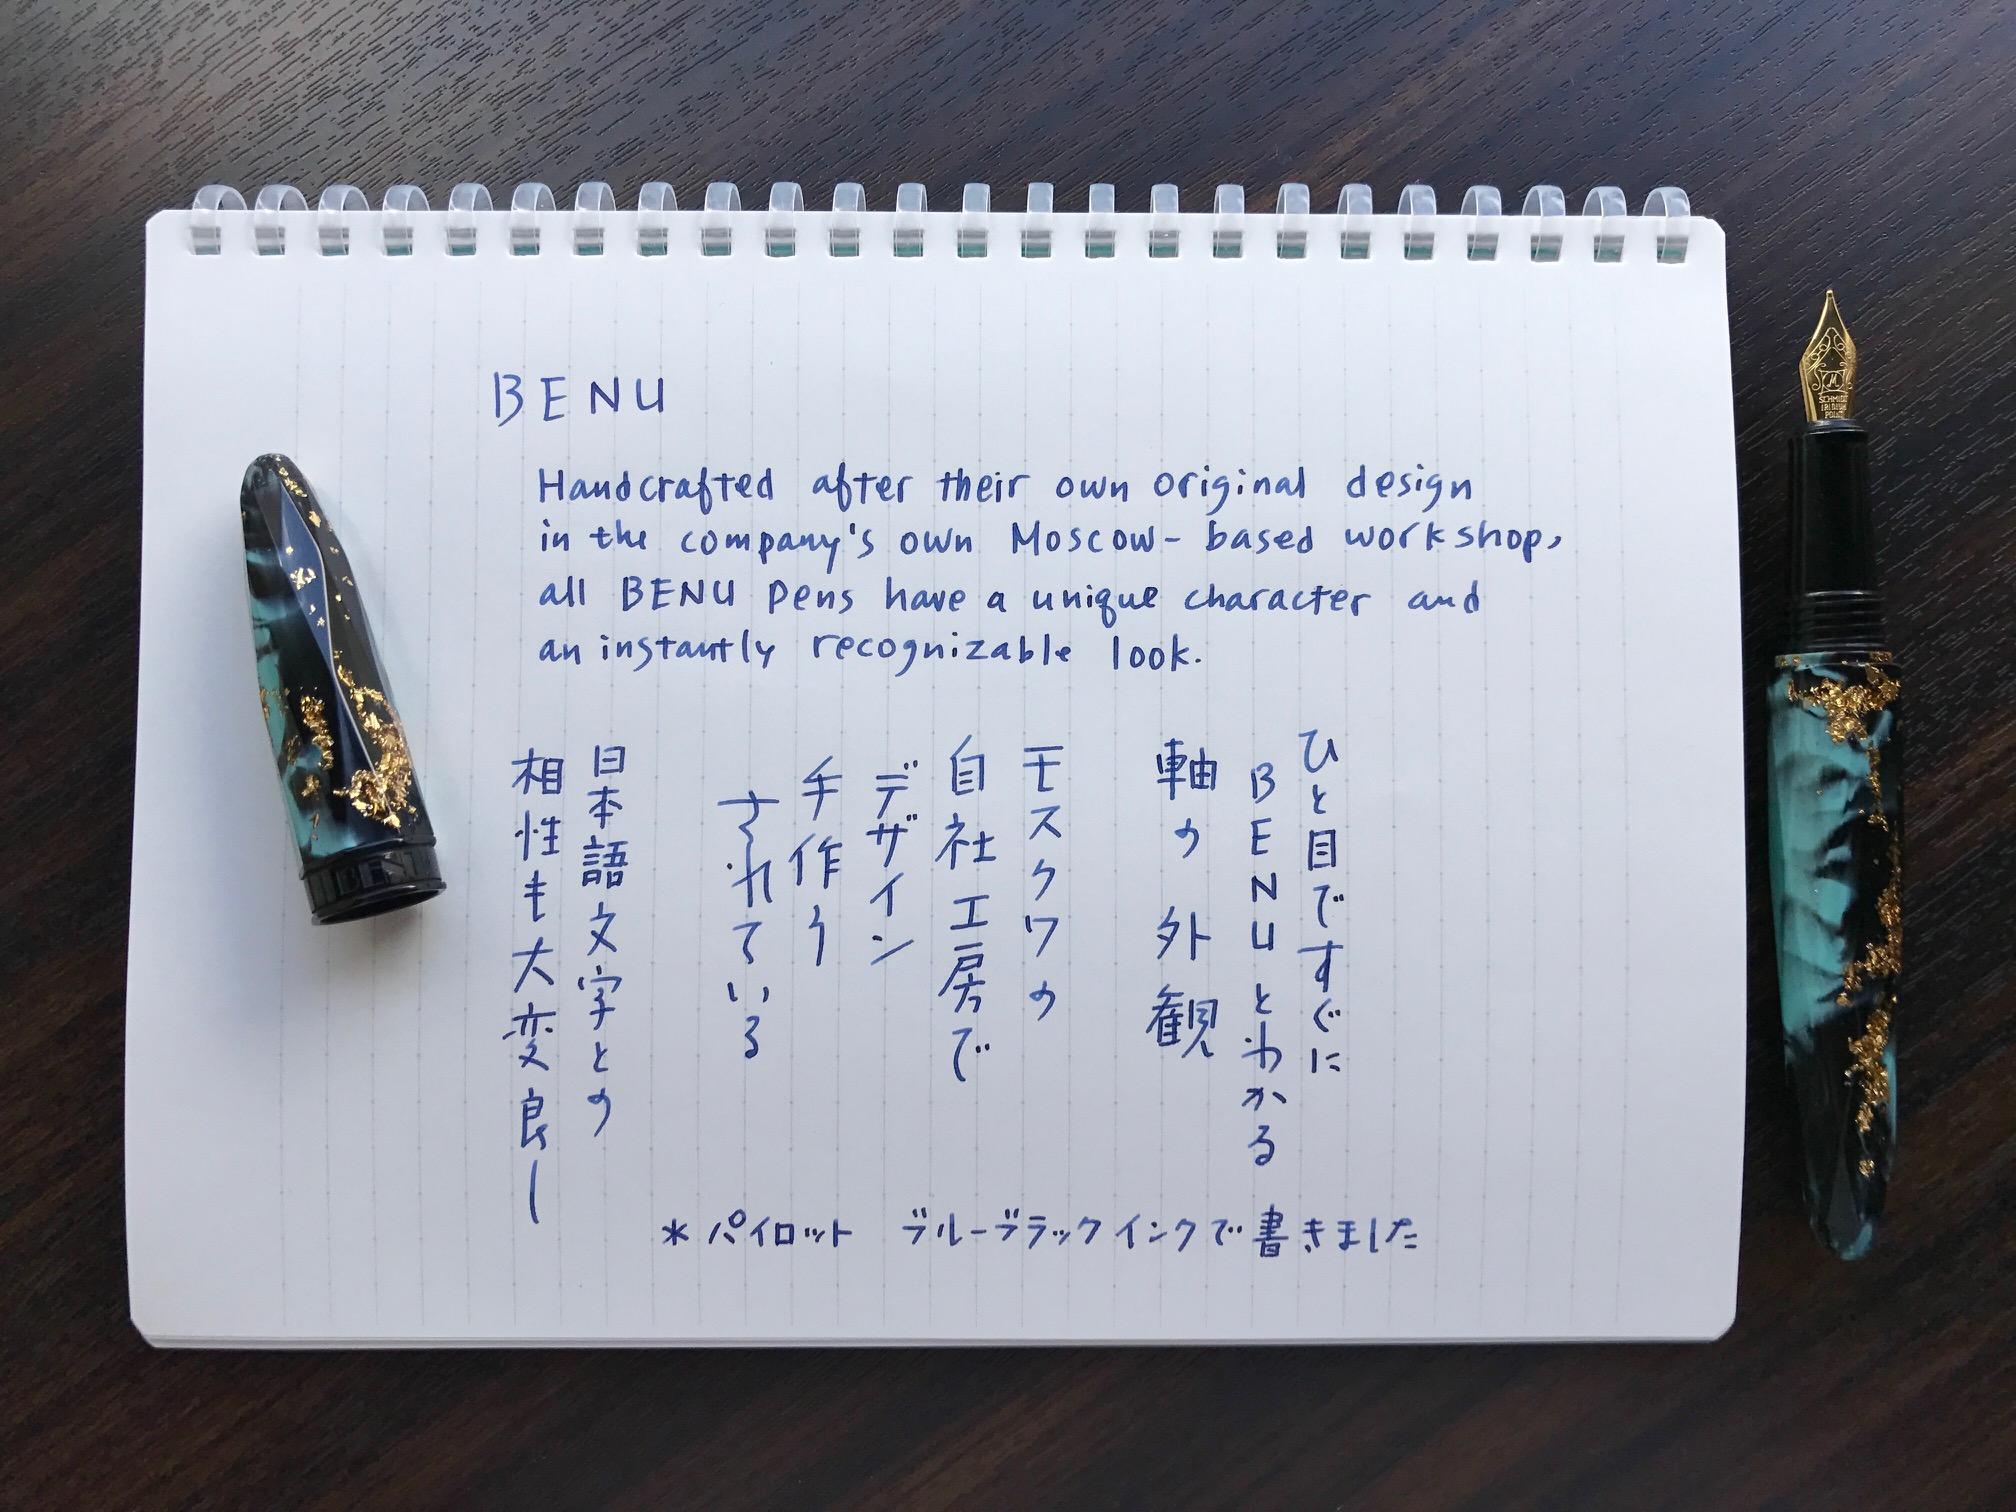 小日向京のひねもす文房具|第百五十六回「ロシアの万年筆・BENU(ベニュー)」